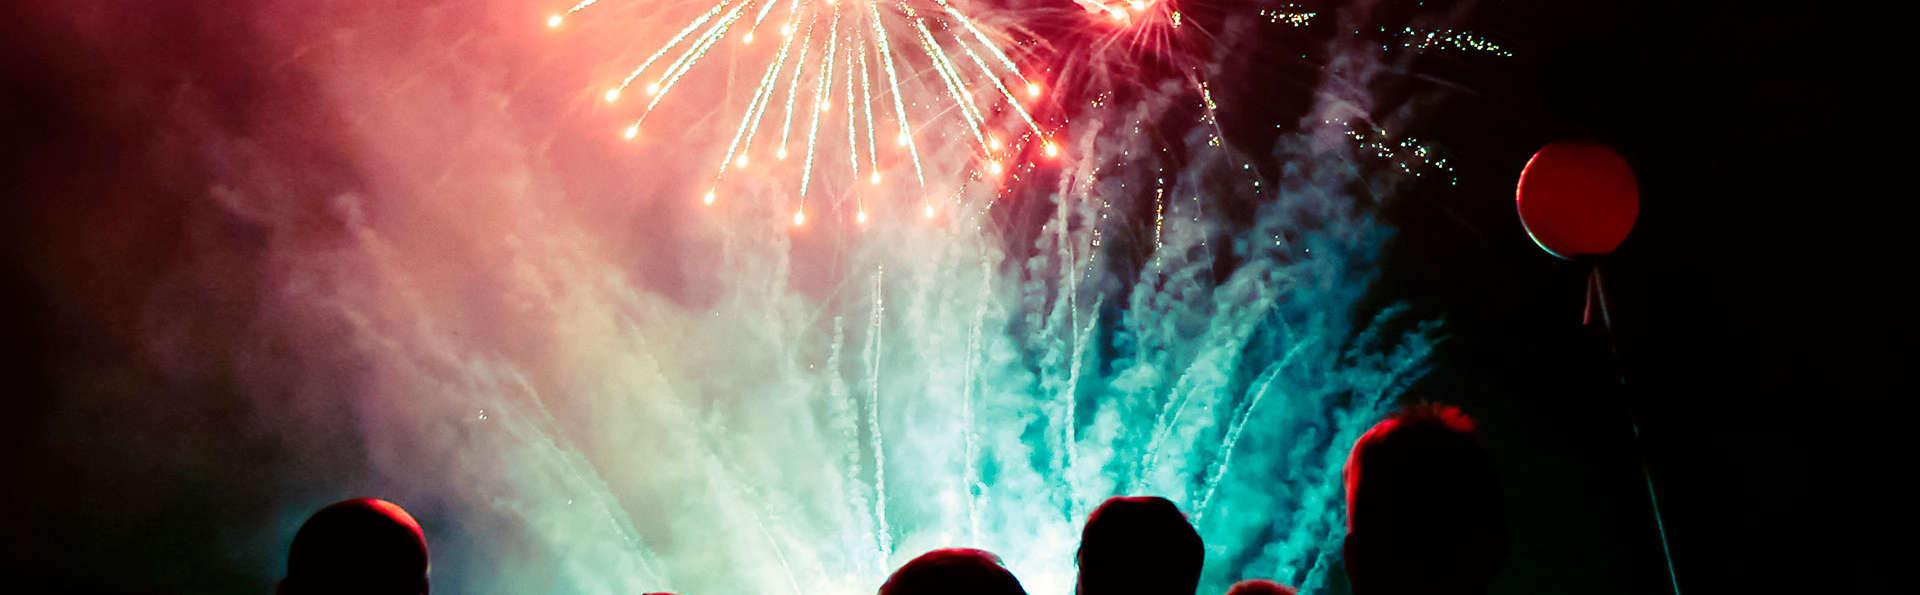 Celebra la Nochevieja junto al mar con Cena de gala en un hotel de lujo de Palma de Mallorca